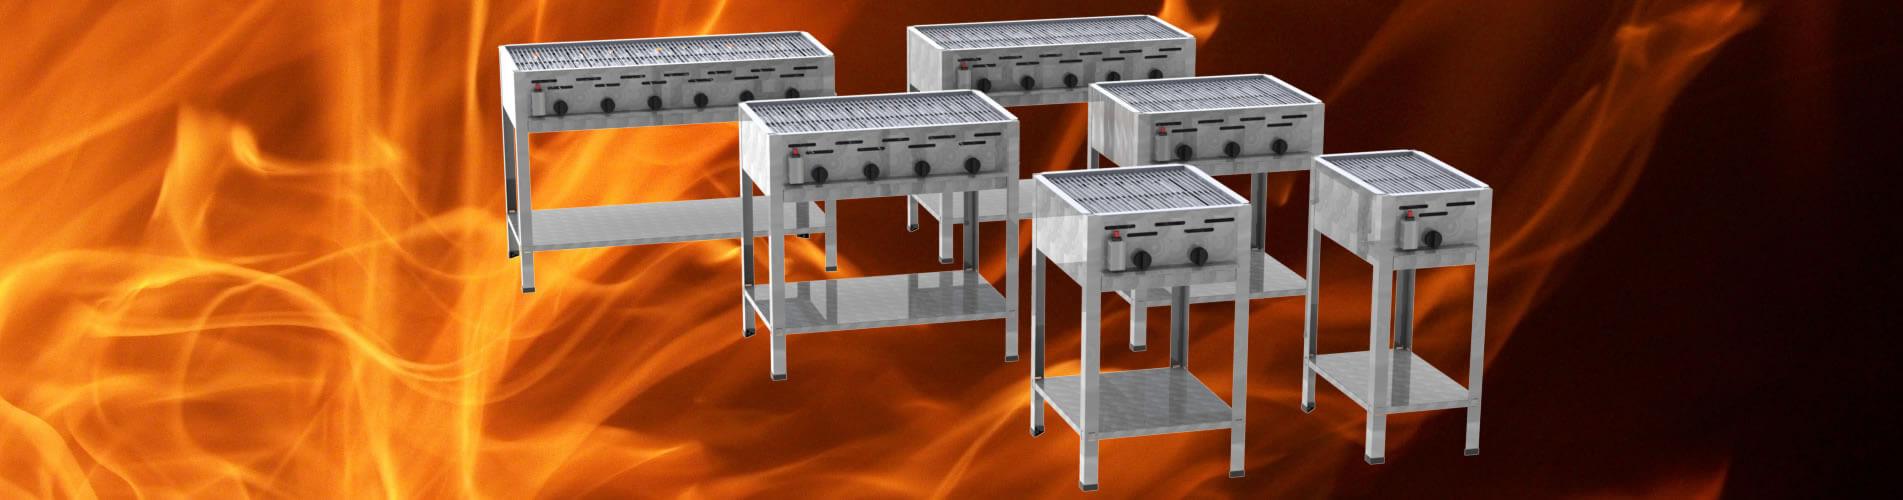 Stand-Gastrobräter mit Grill-Rost 1-flammig bis 6-flammig